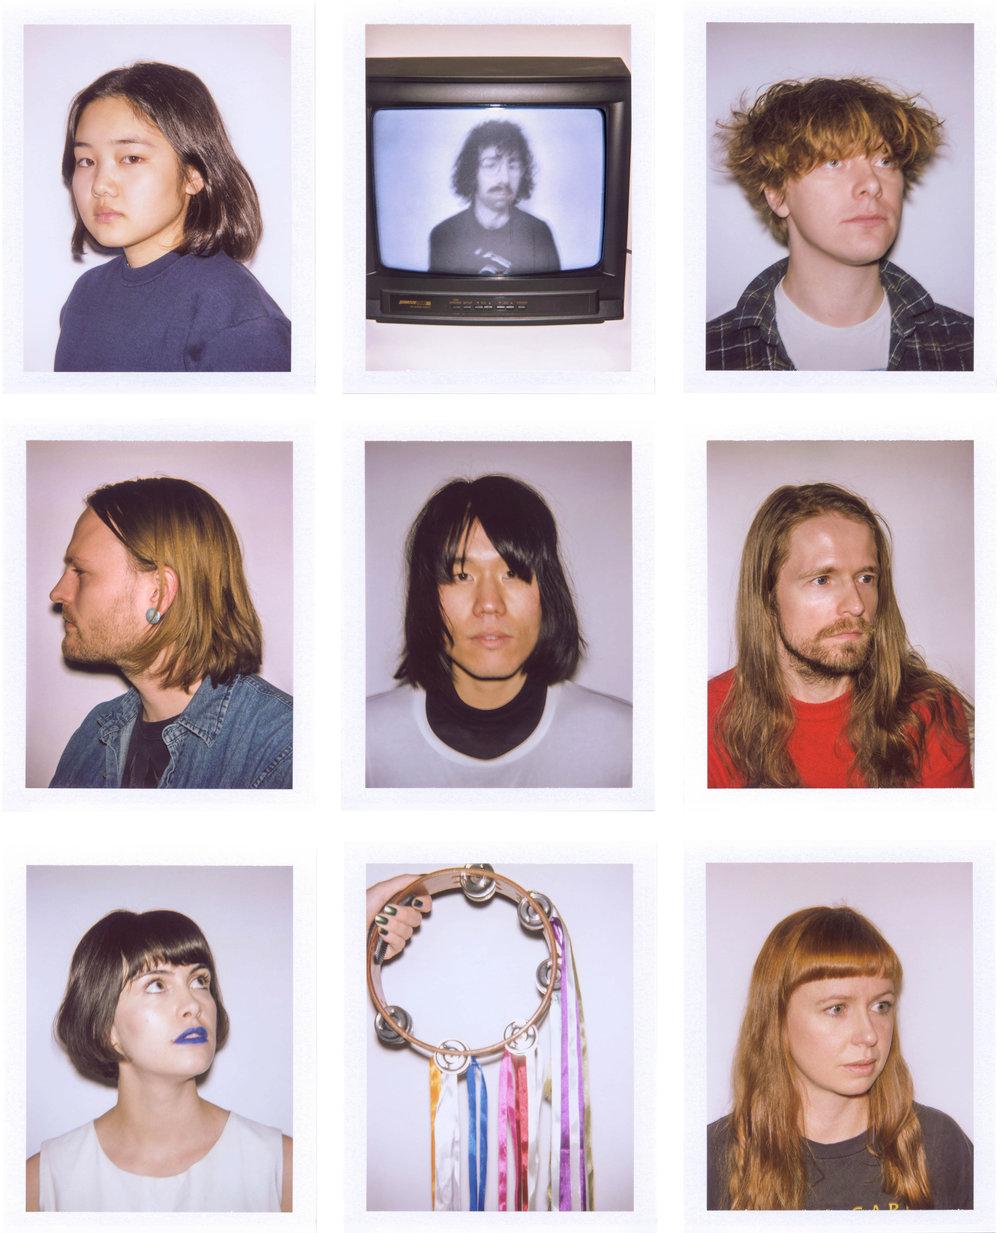 _PolaroidCollage.jpg